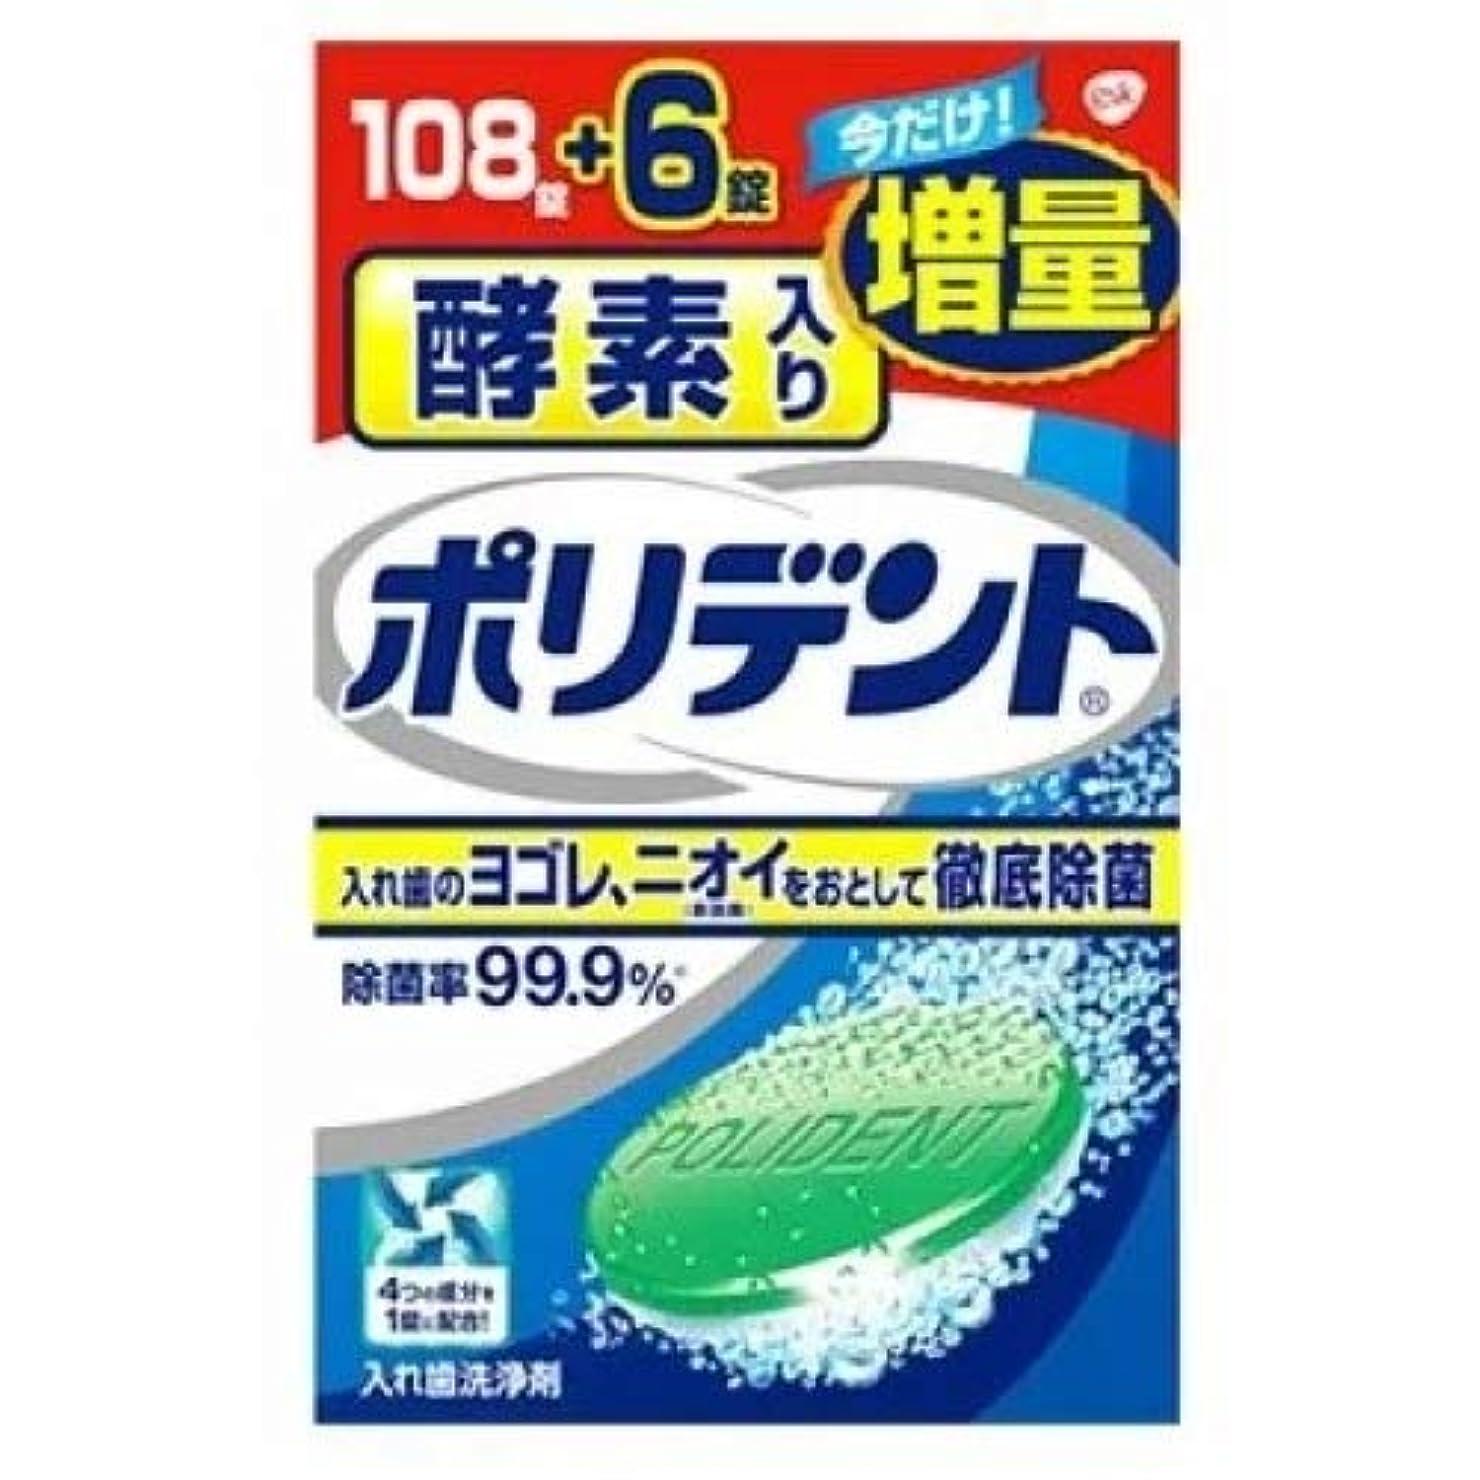 ショートカット凝視発掘する酵素入りポリデント 108錠+6錠増量品